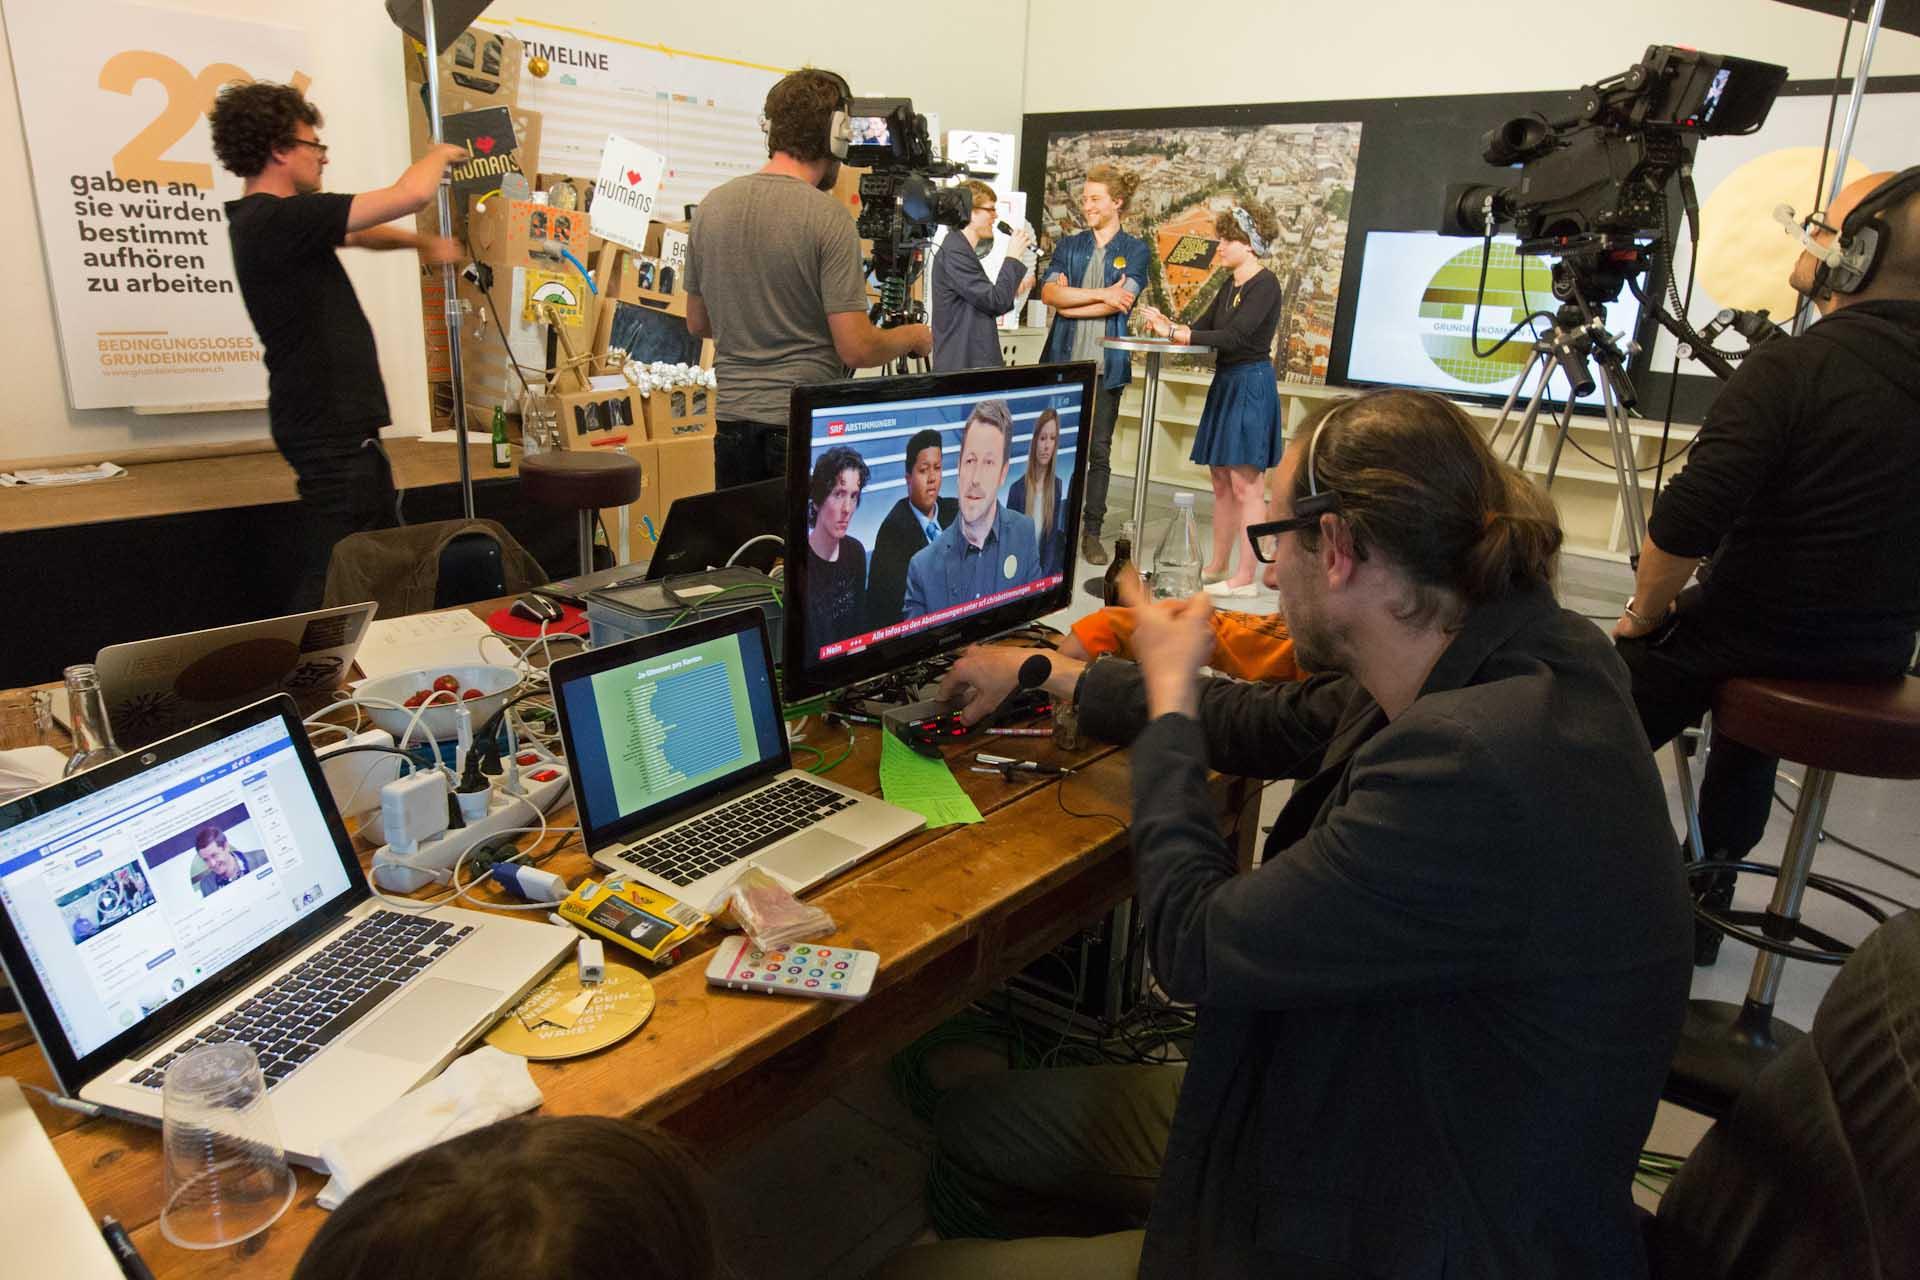 """Zur Abstimmung wurde im """"unternehmen mitte' ein temporäres Fernsehstudio eingerichtet. Daniel Häni sitzt in einer Live-TV-Sendung der SRF und kommentiert die Abstimmung..."""